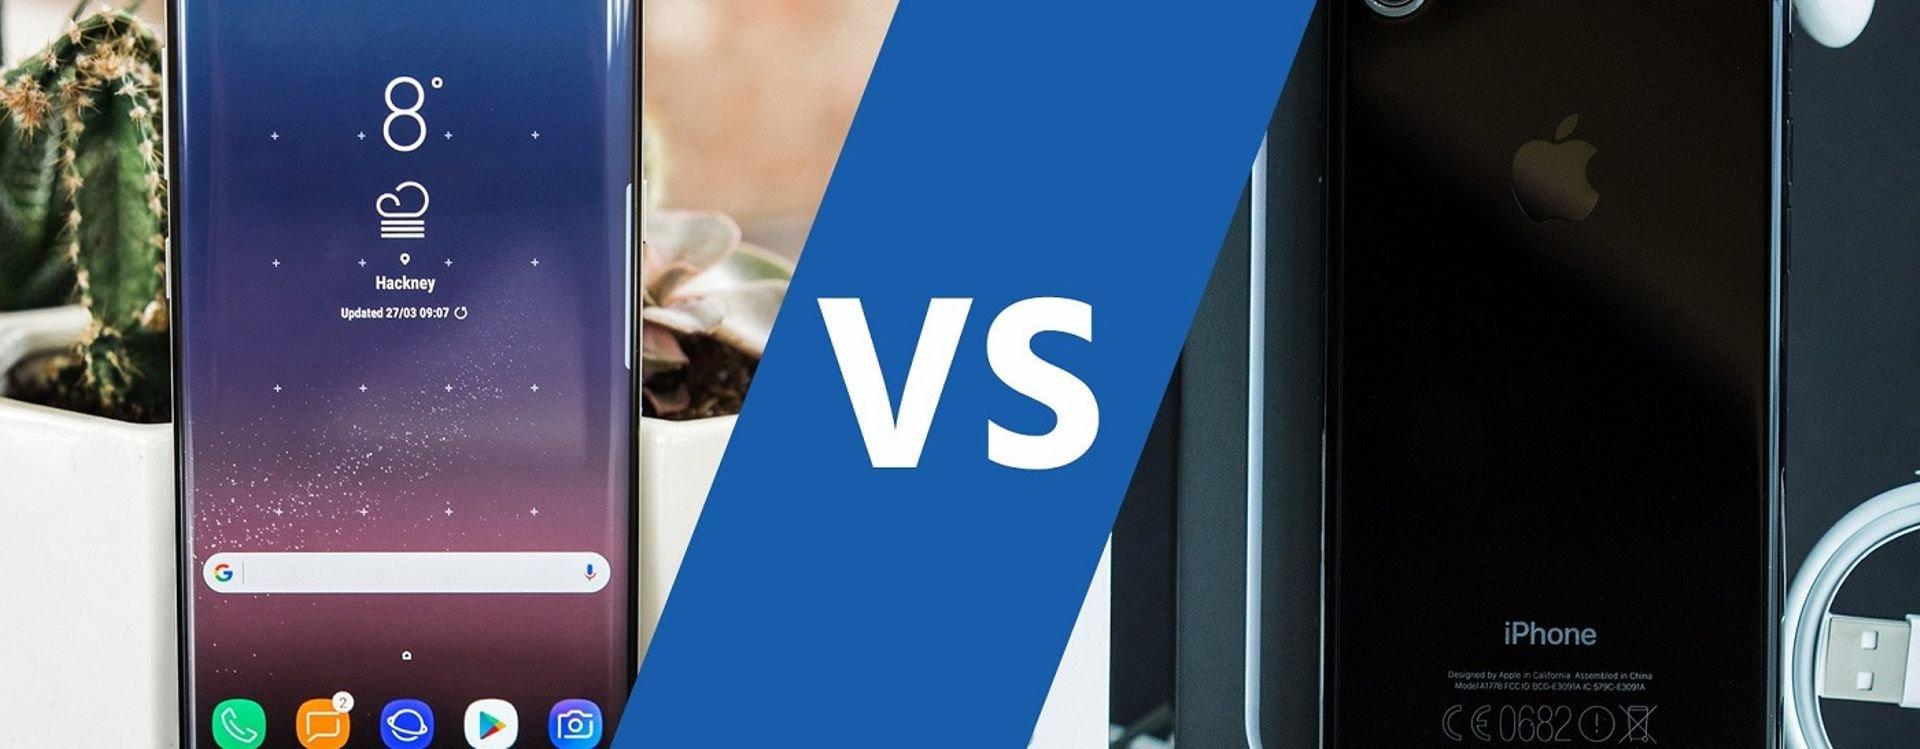 تعتبر هواتف سامسونج وأبل أفضل الهواتف الذكية الموجودة في هذا الوقت.